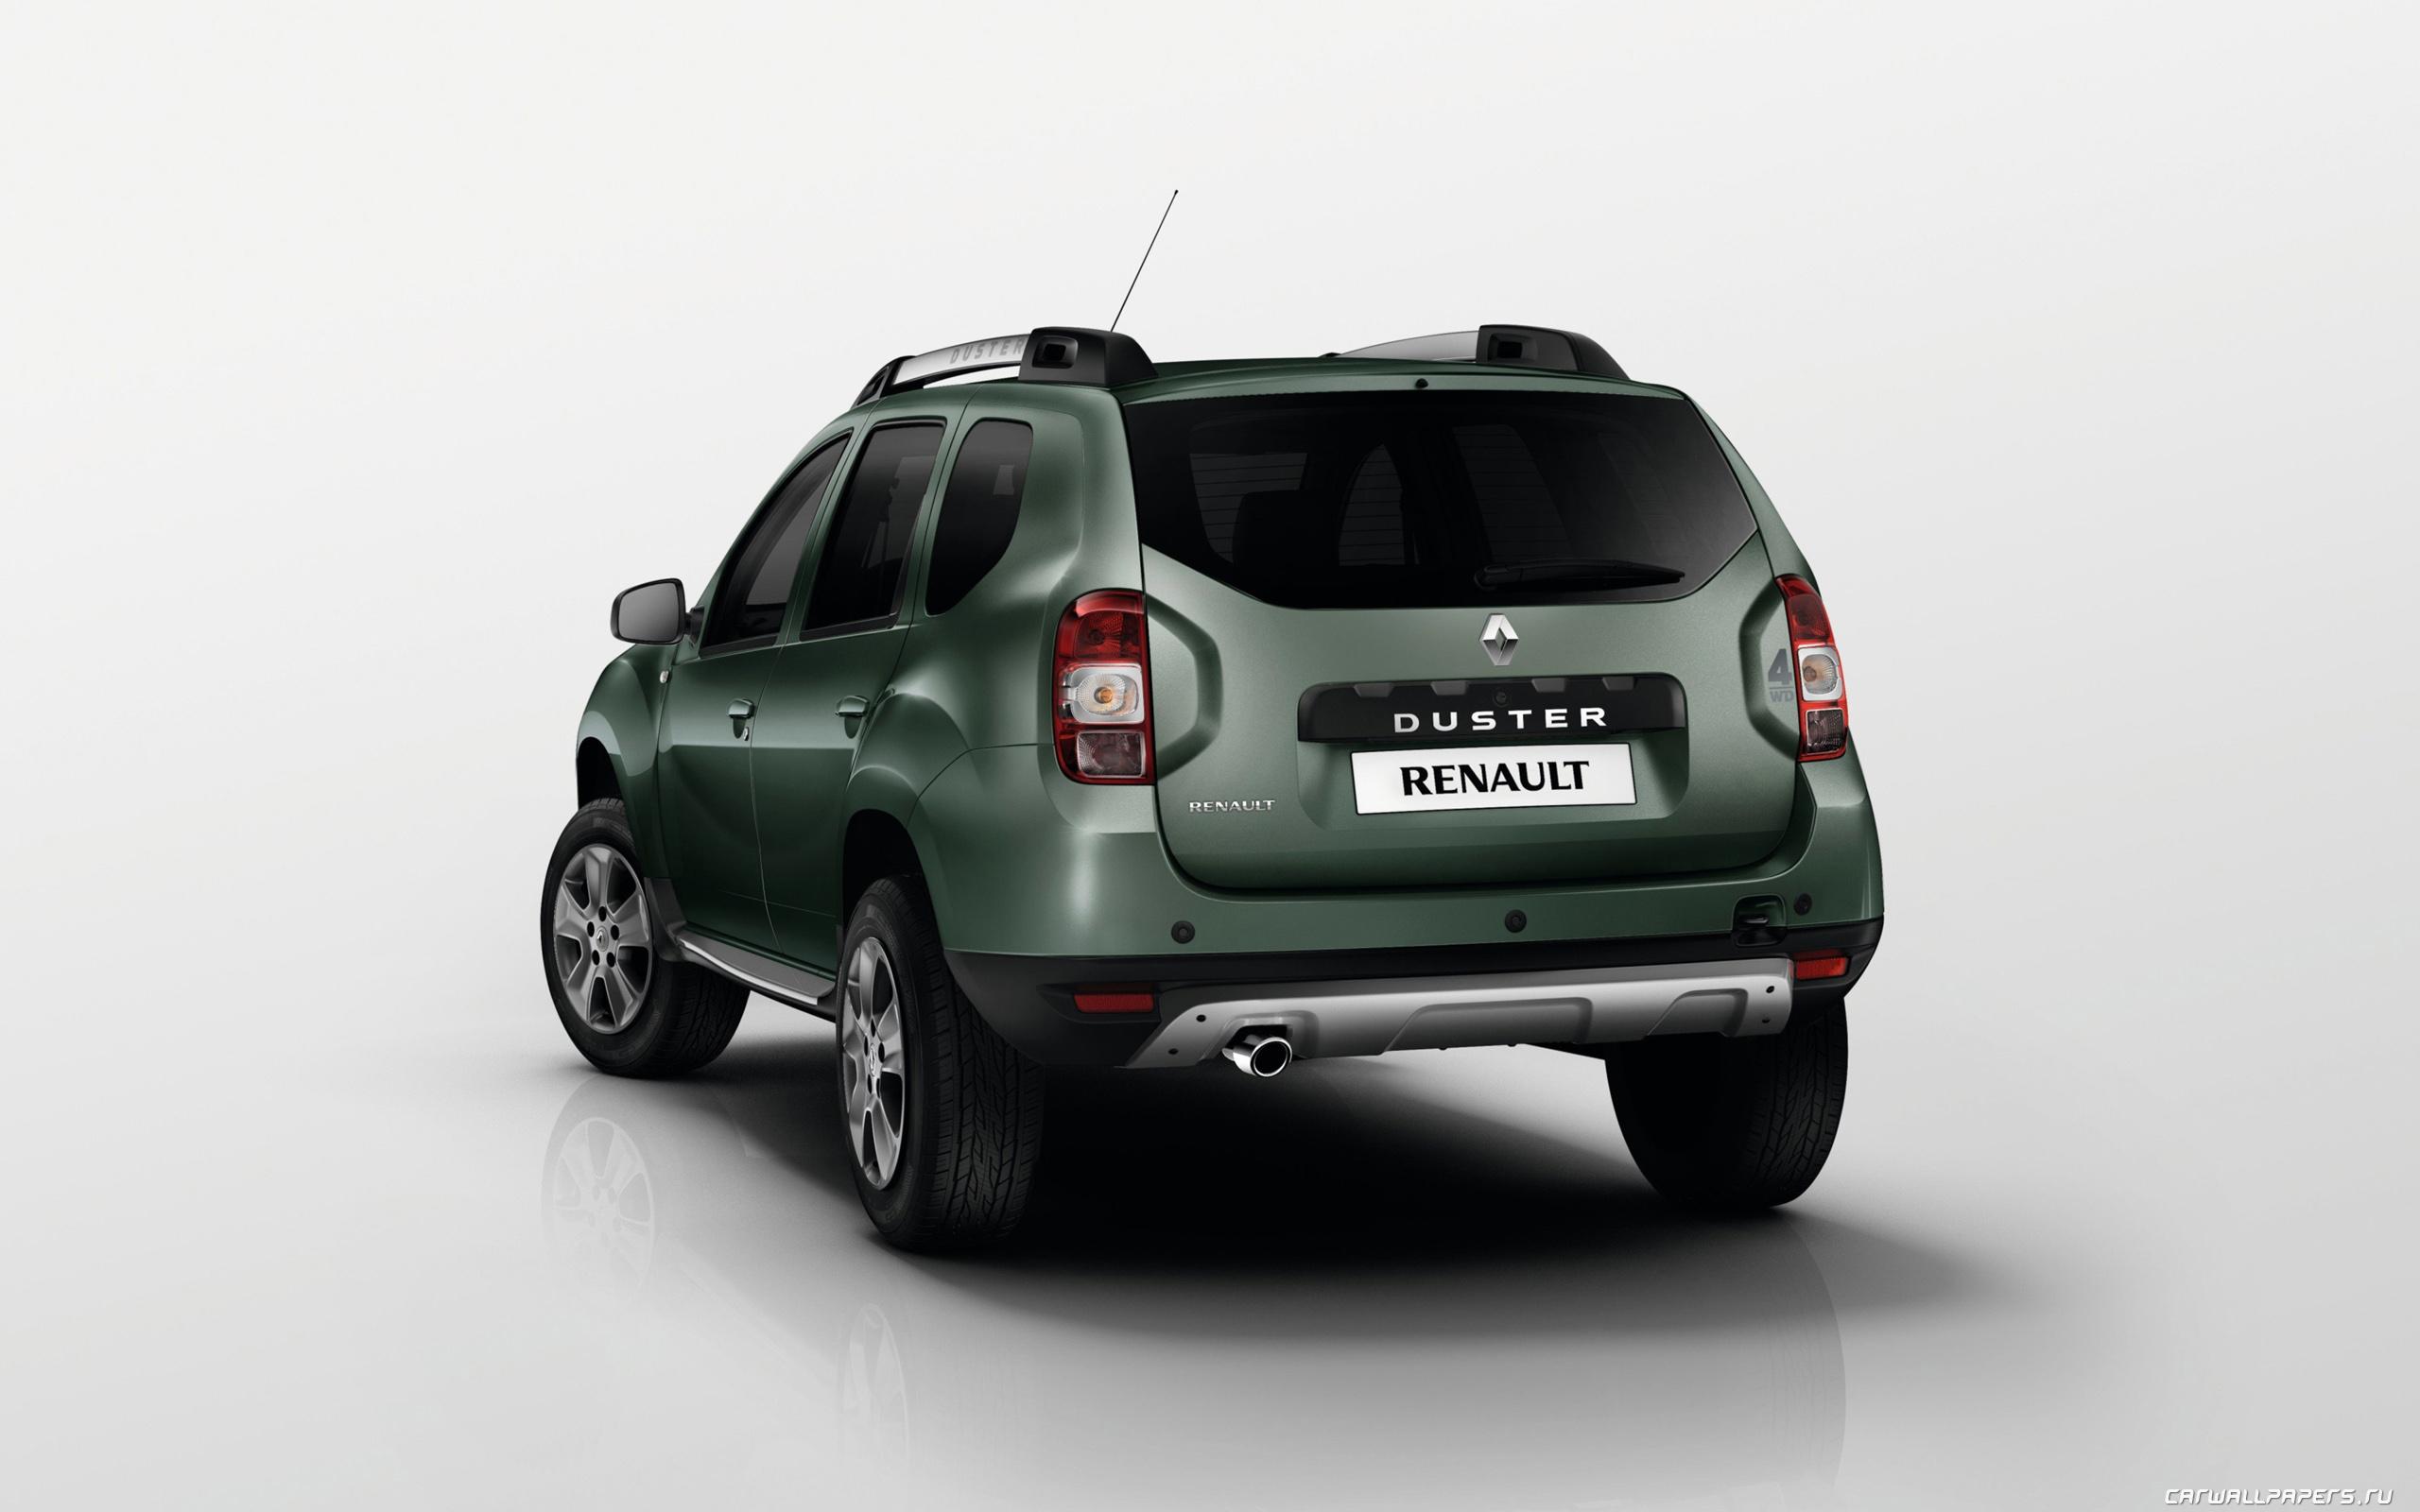 تفاوت رنو داستر pe با ph2 2014-Dacia-Duster-Interior Otomobil Haberleri